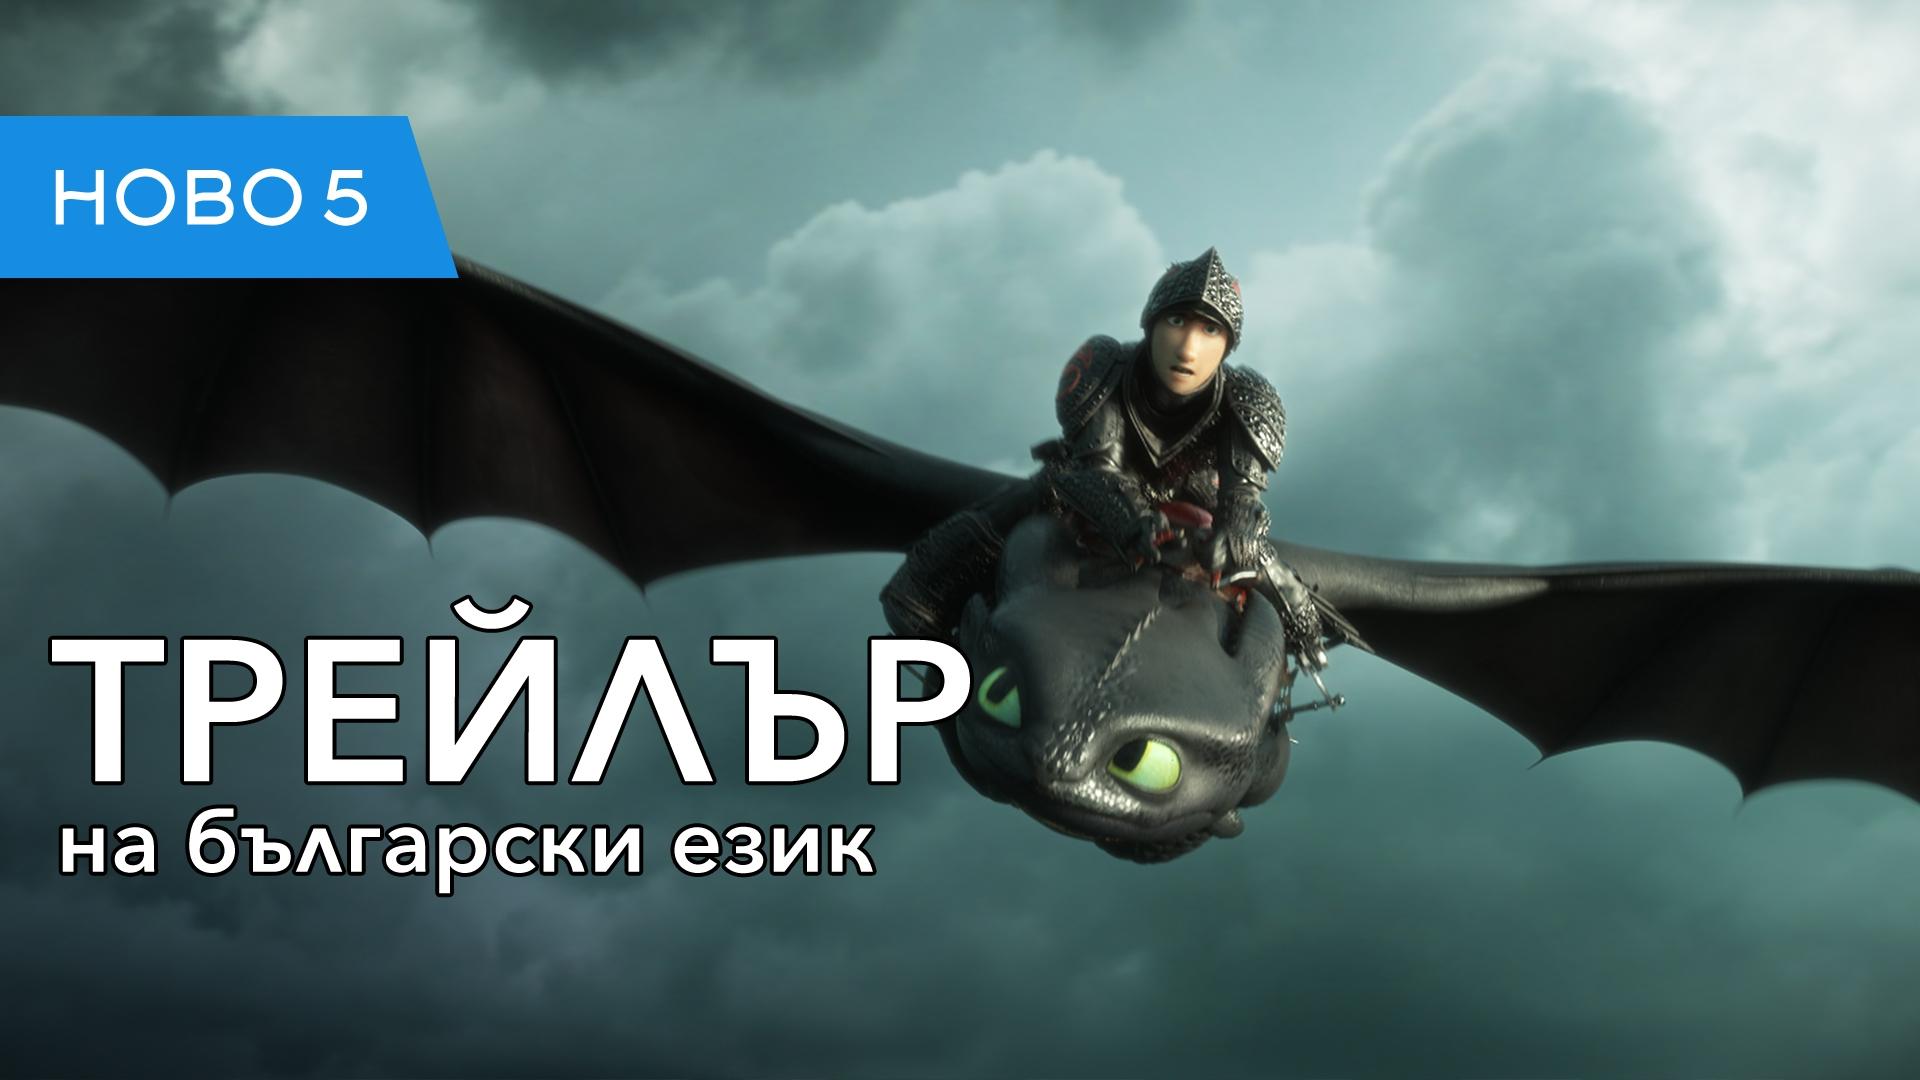 Как да си дресираш дракон: Тайнственият свят (2019) трейлър на български език